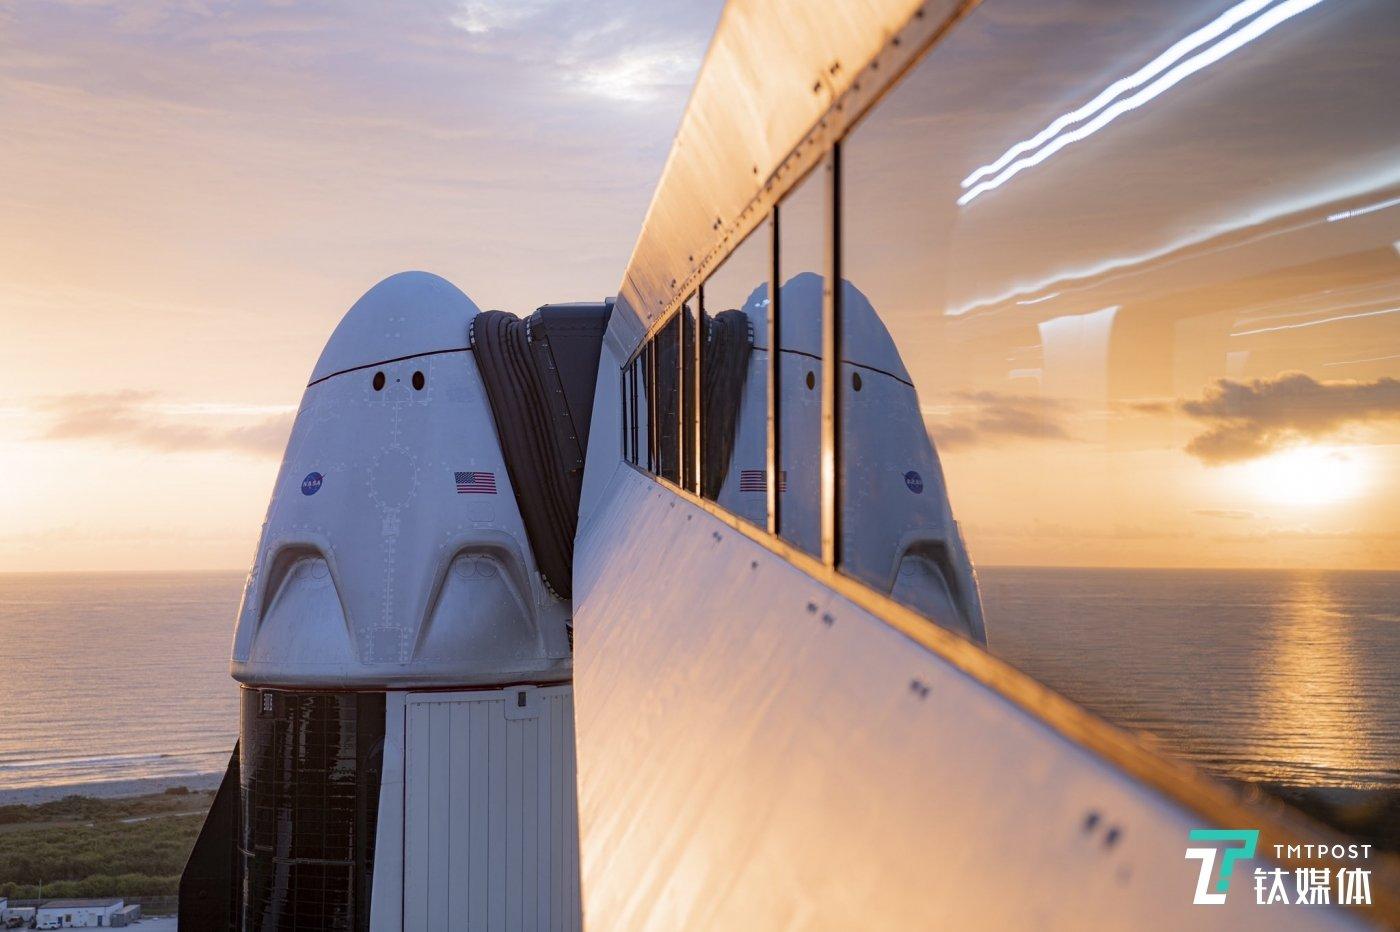 中国版SpaceX为何还没有诞生? | 钛媒体深度